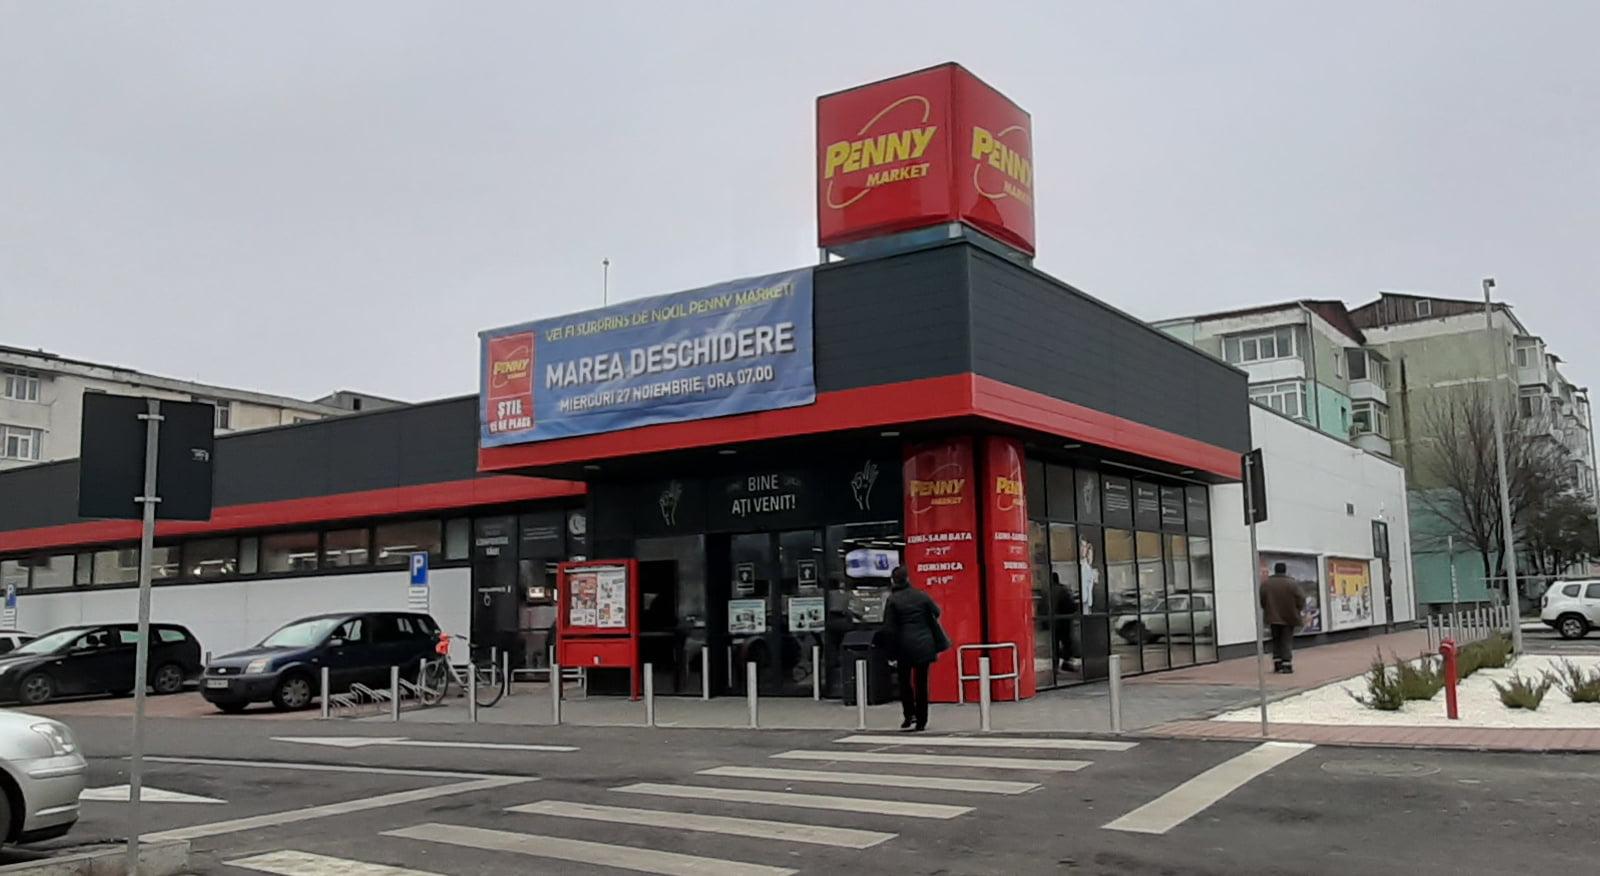 Penny Market a deschis al doilea magazin în Roman